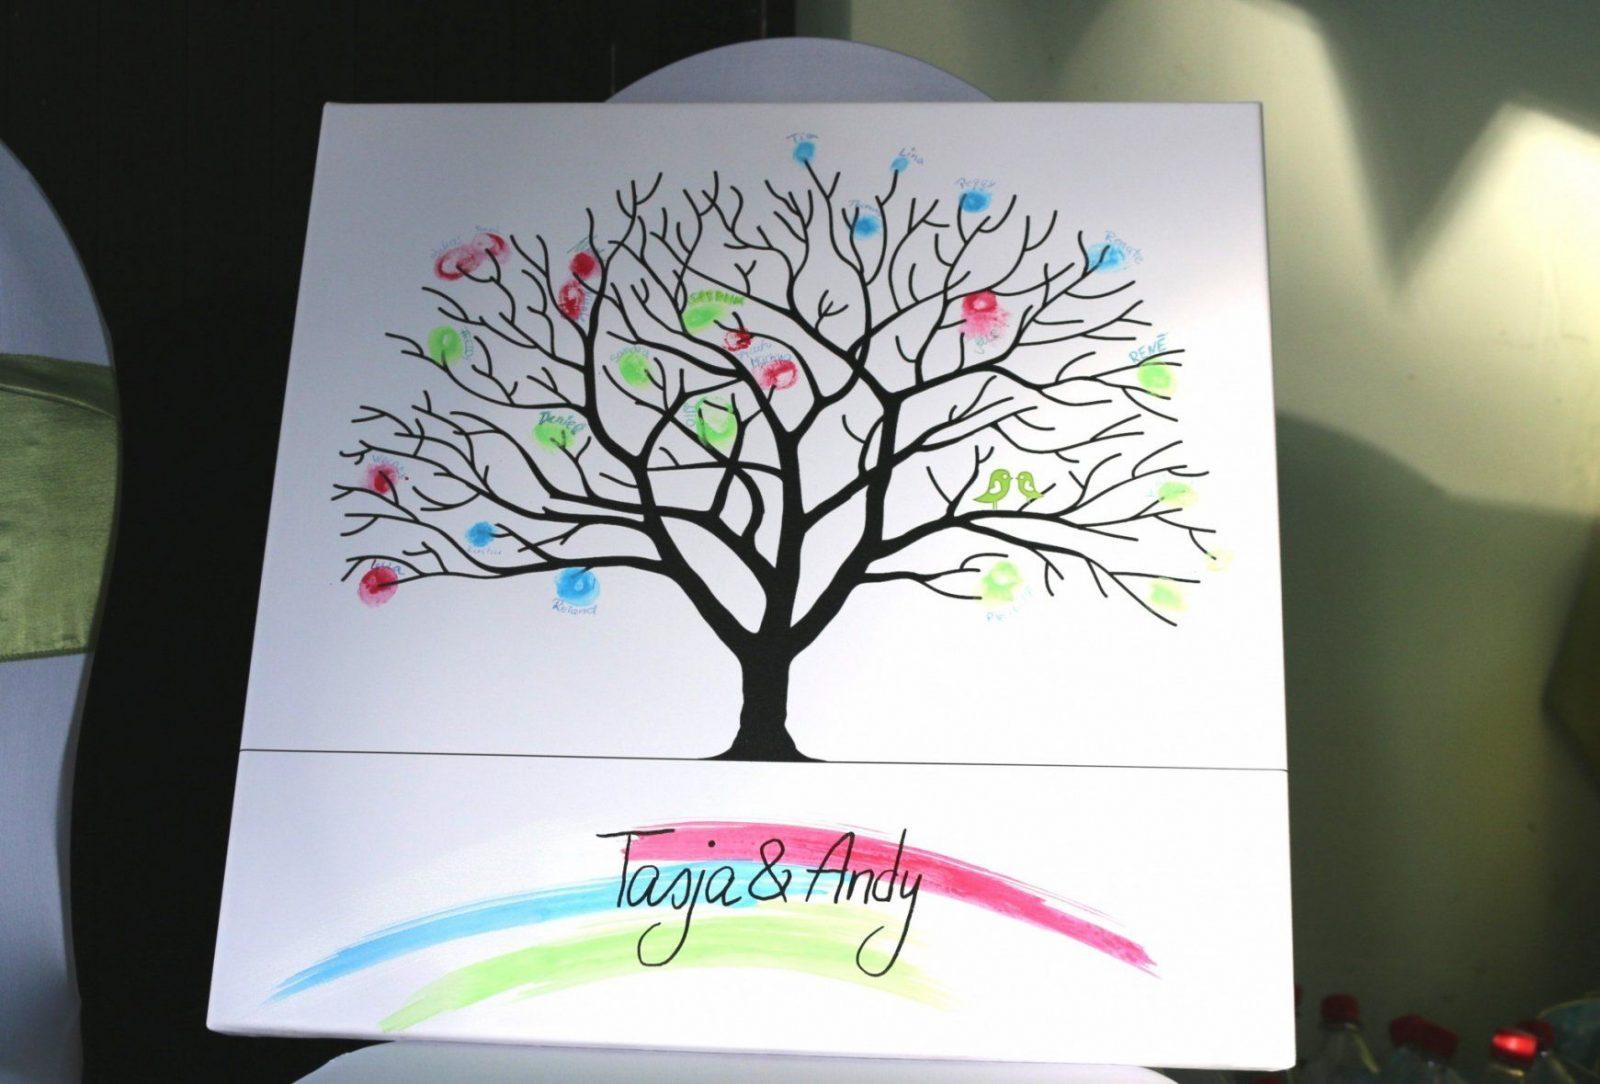 Hochzeitsbaum Auf Leinwand Selbst Gestalten von Keilrahmen Gestalten Vorlagen Kostenlos Bild